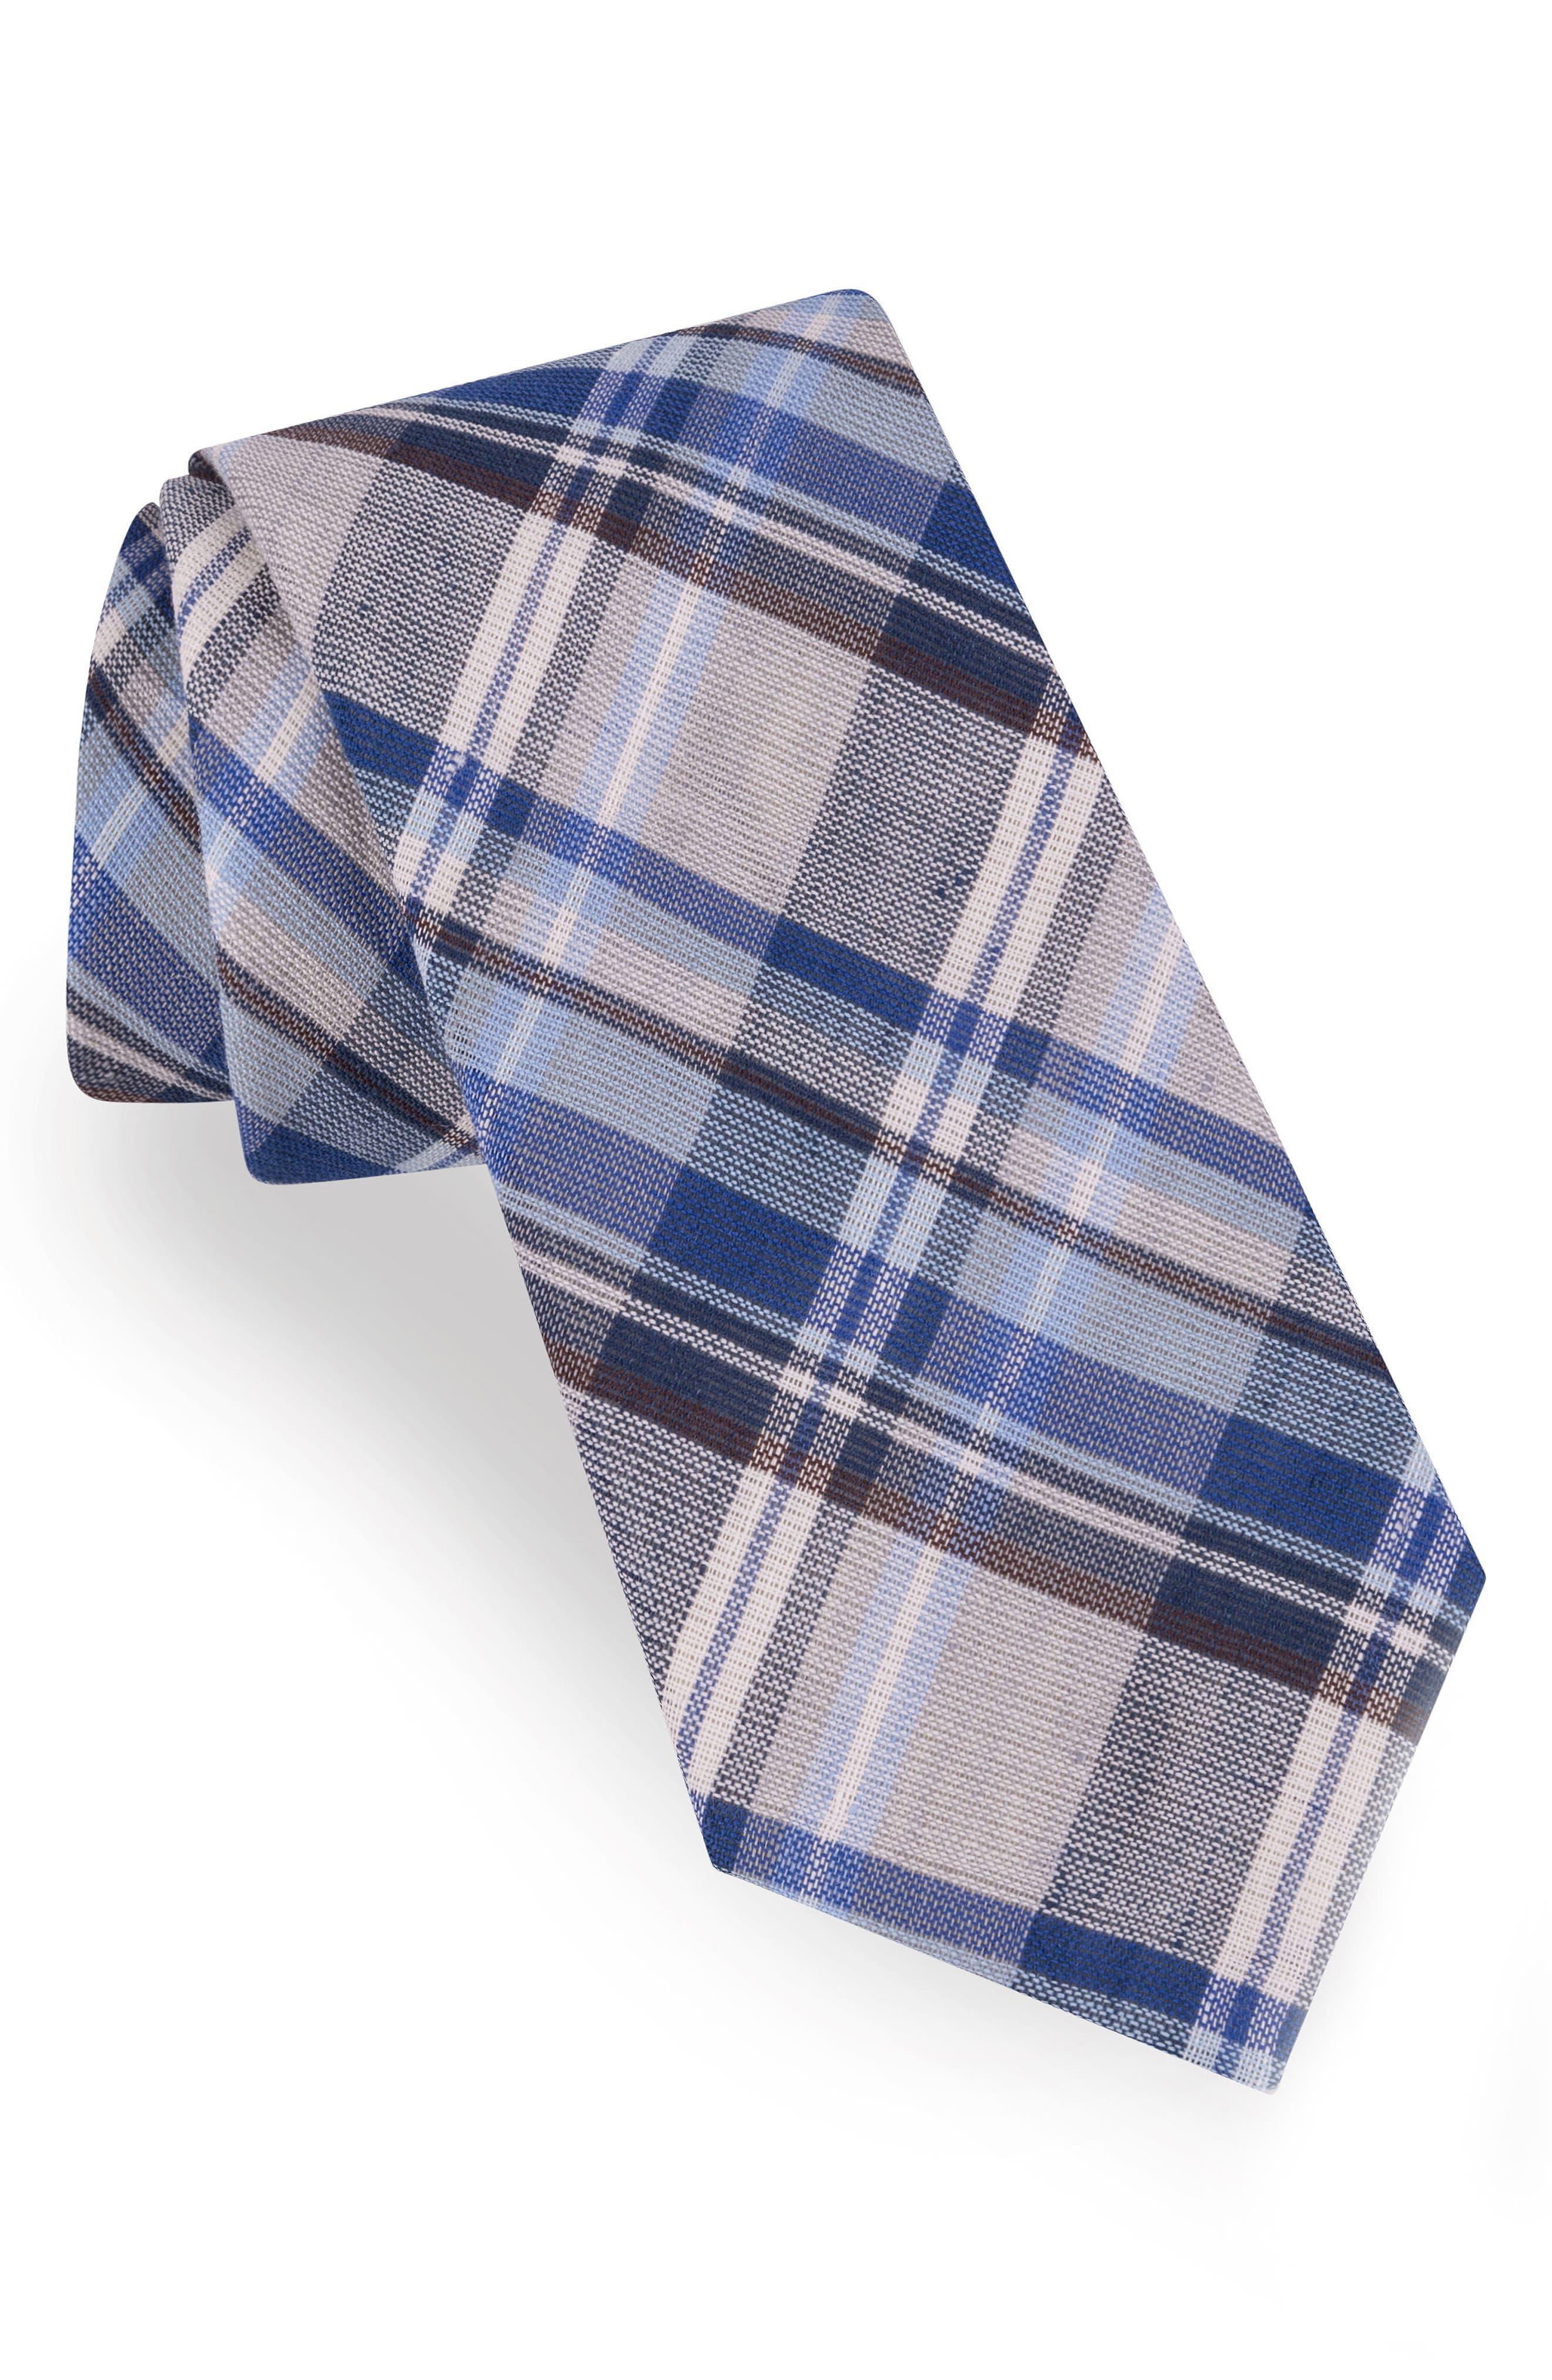 Ted Baker London Plaid Cotton & Linen Tie